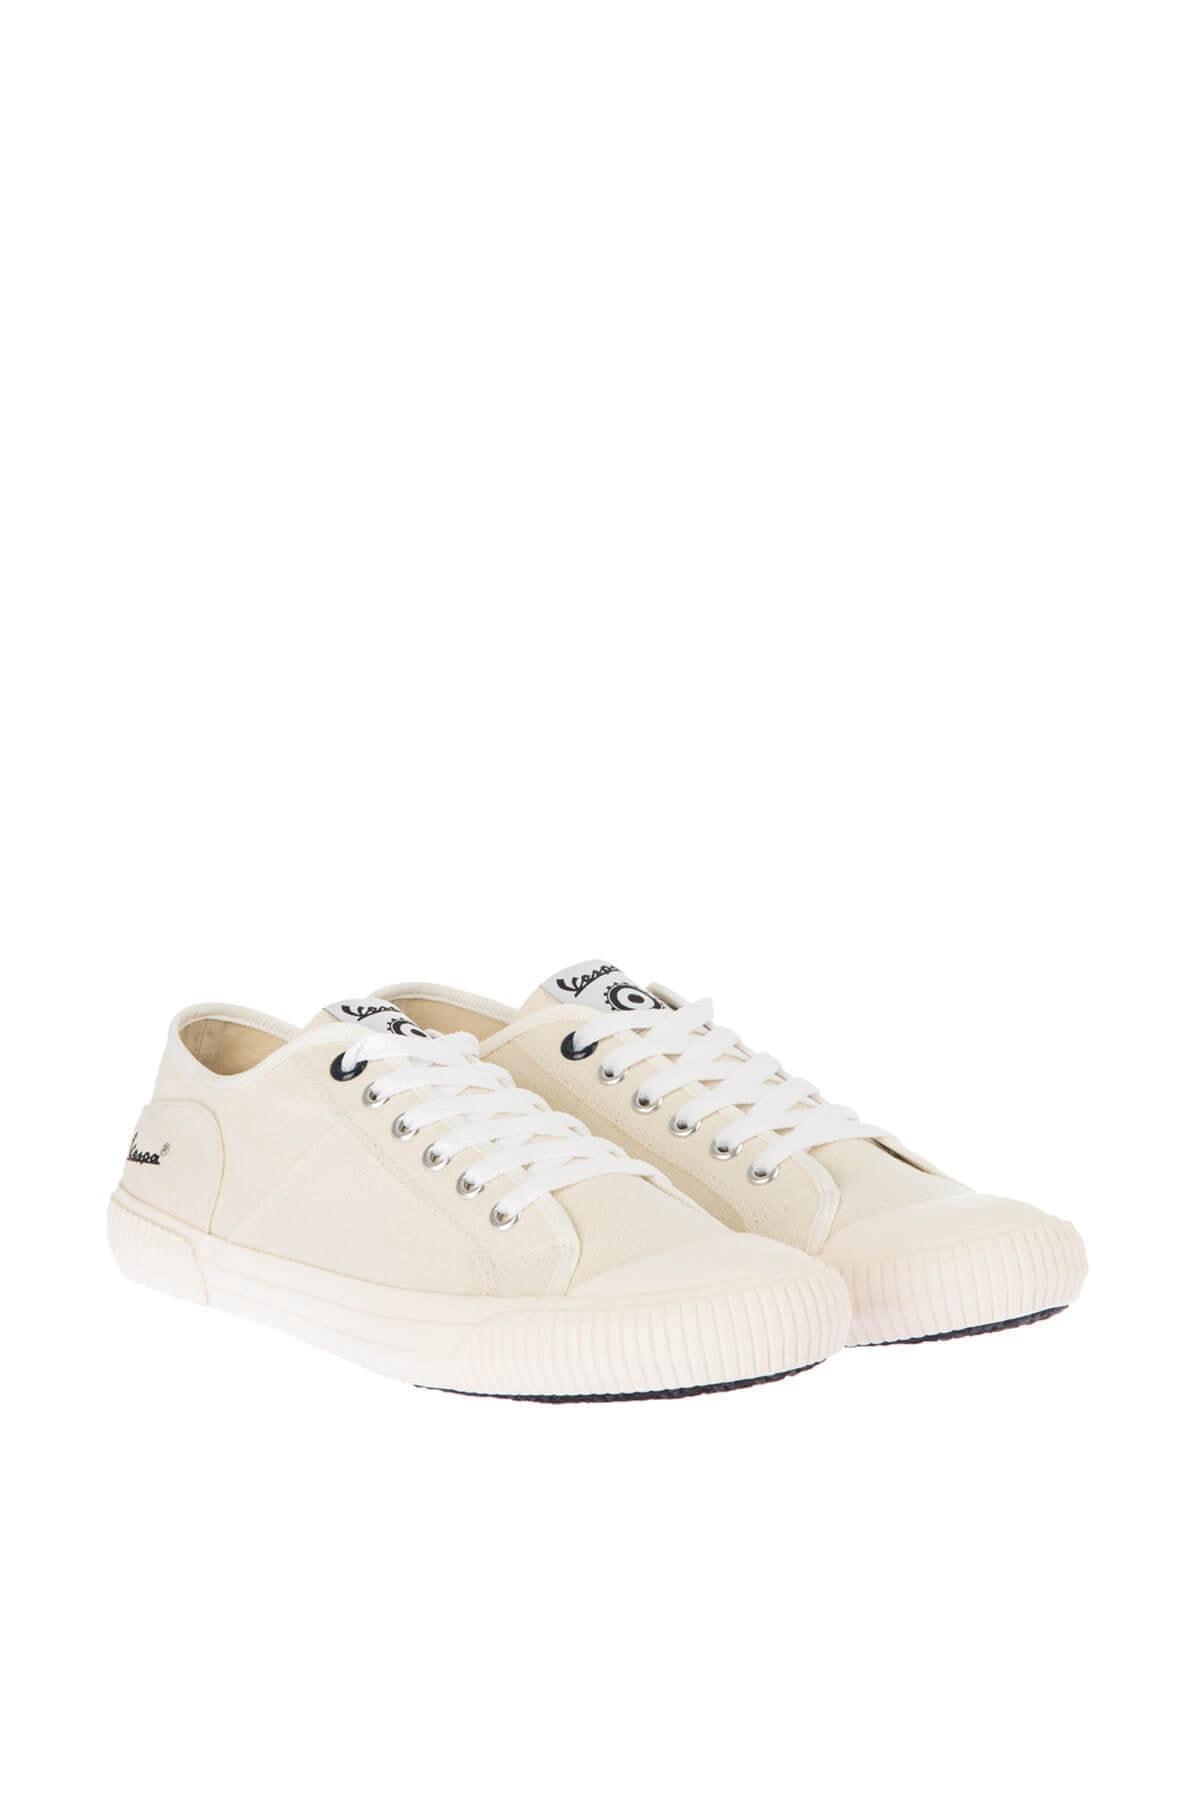 Vespa Valvola Unisex Low Sneakers 1